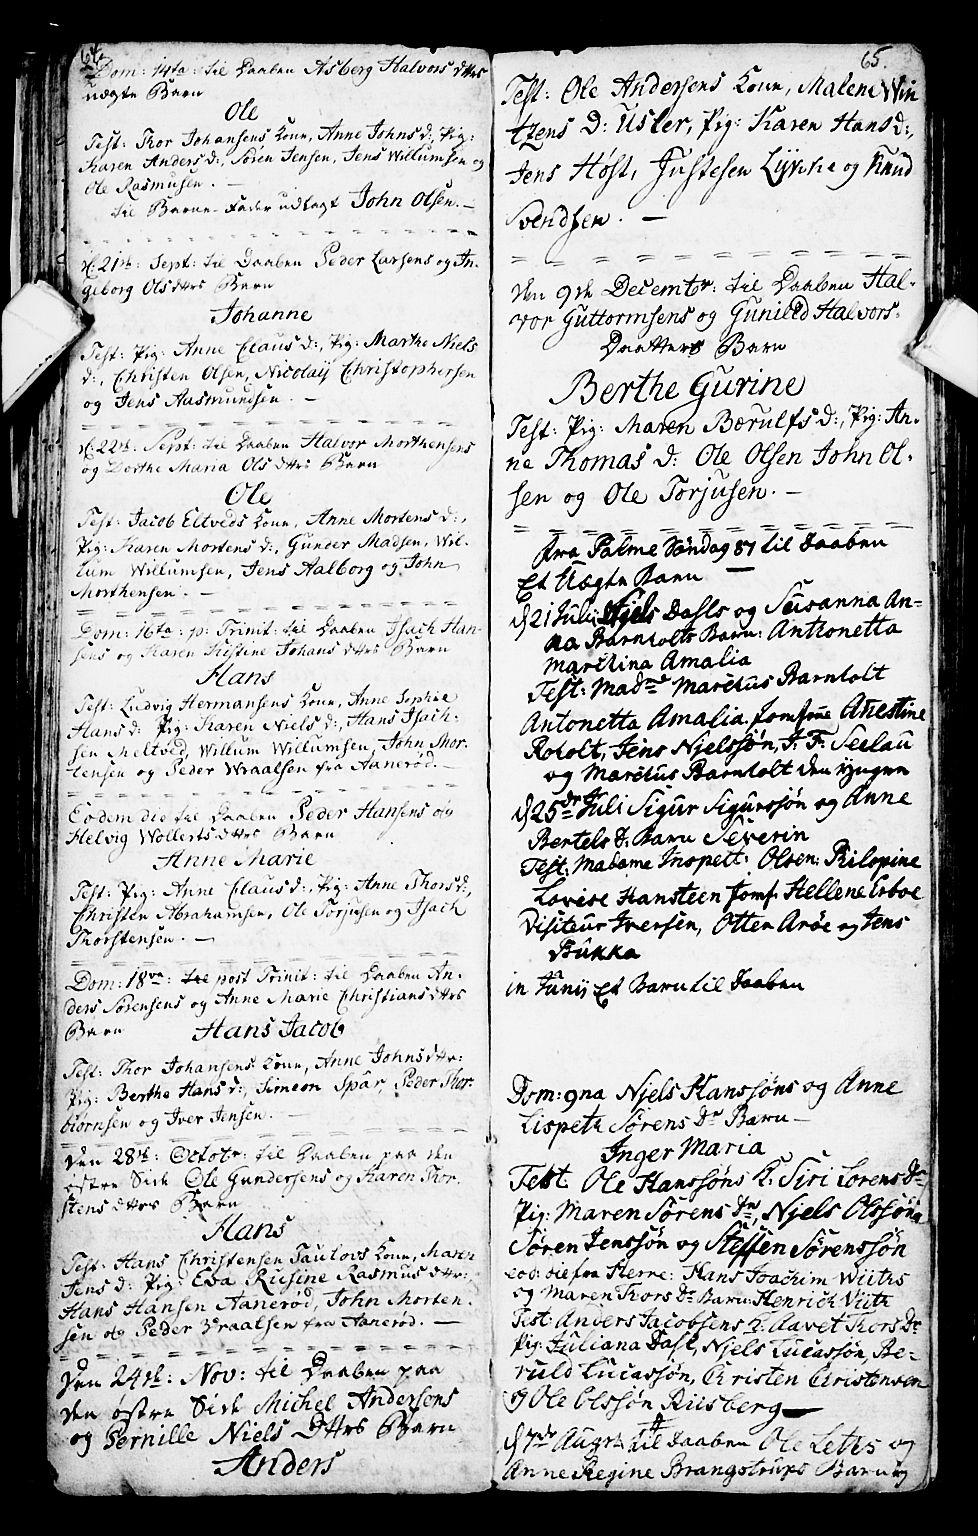 SAKO, Porsgrunn kirkebøker , G/Ga/L0001: Klokkerbok nr. I 1, 1766-1790, s. 64-65